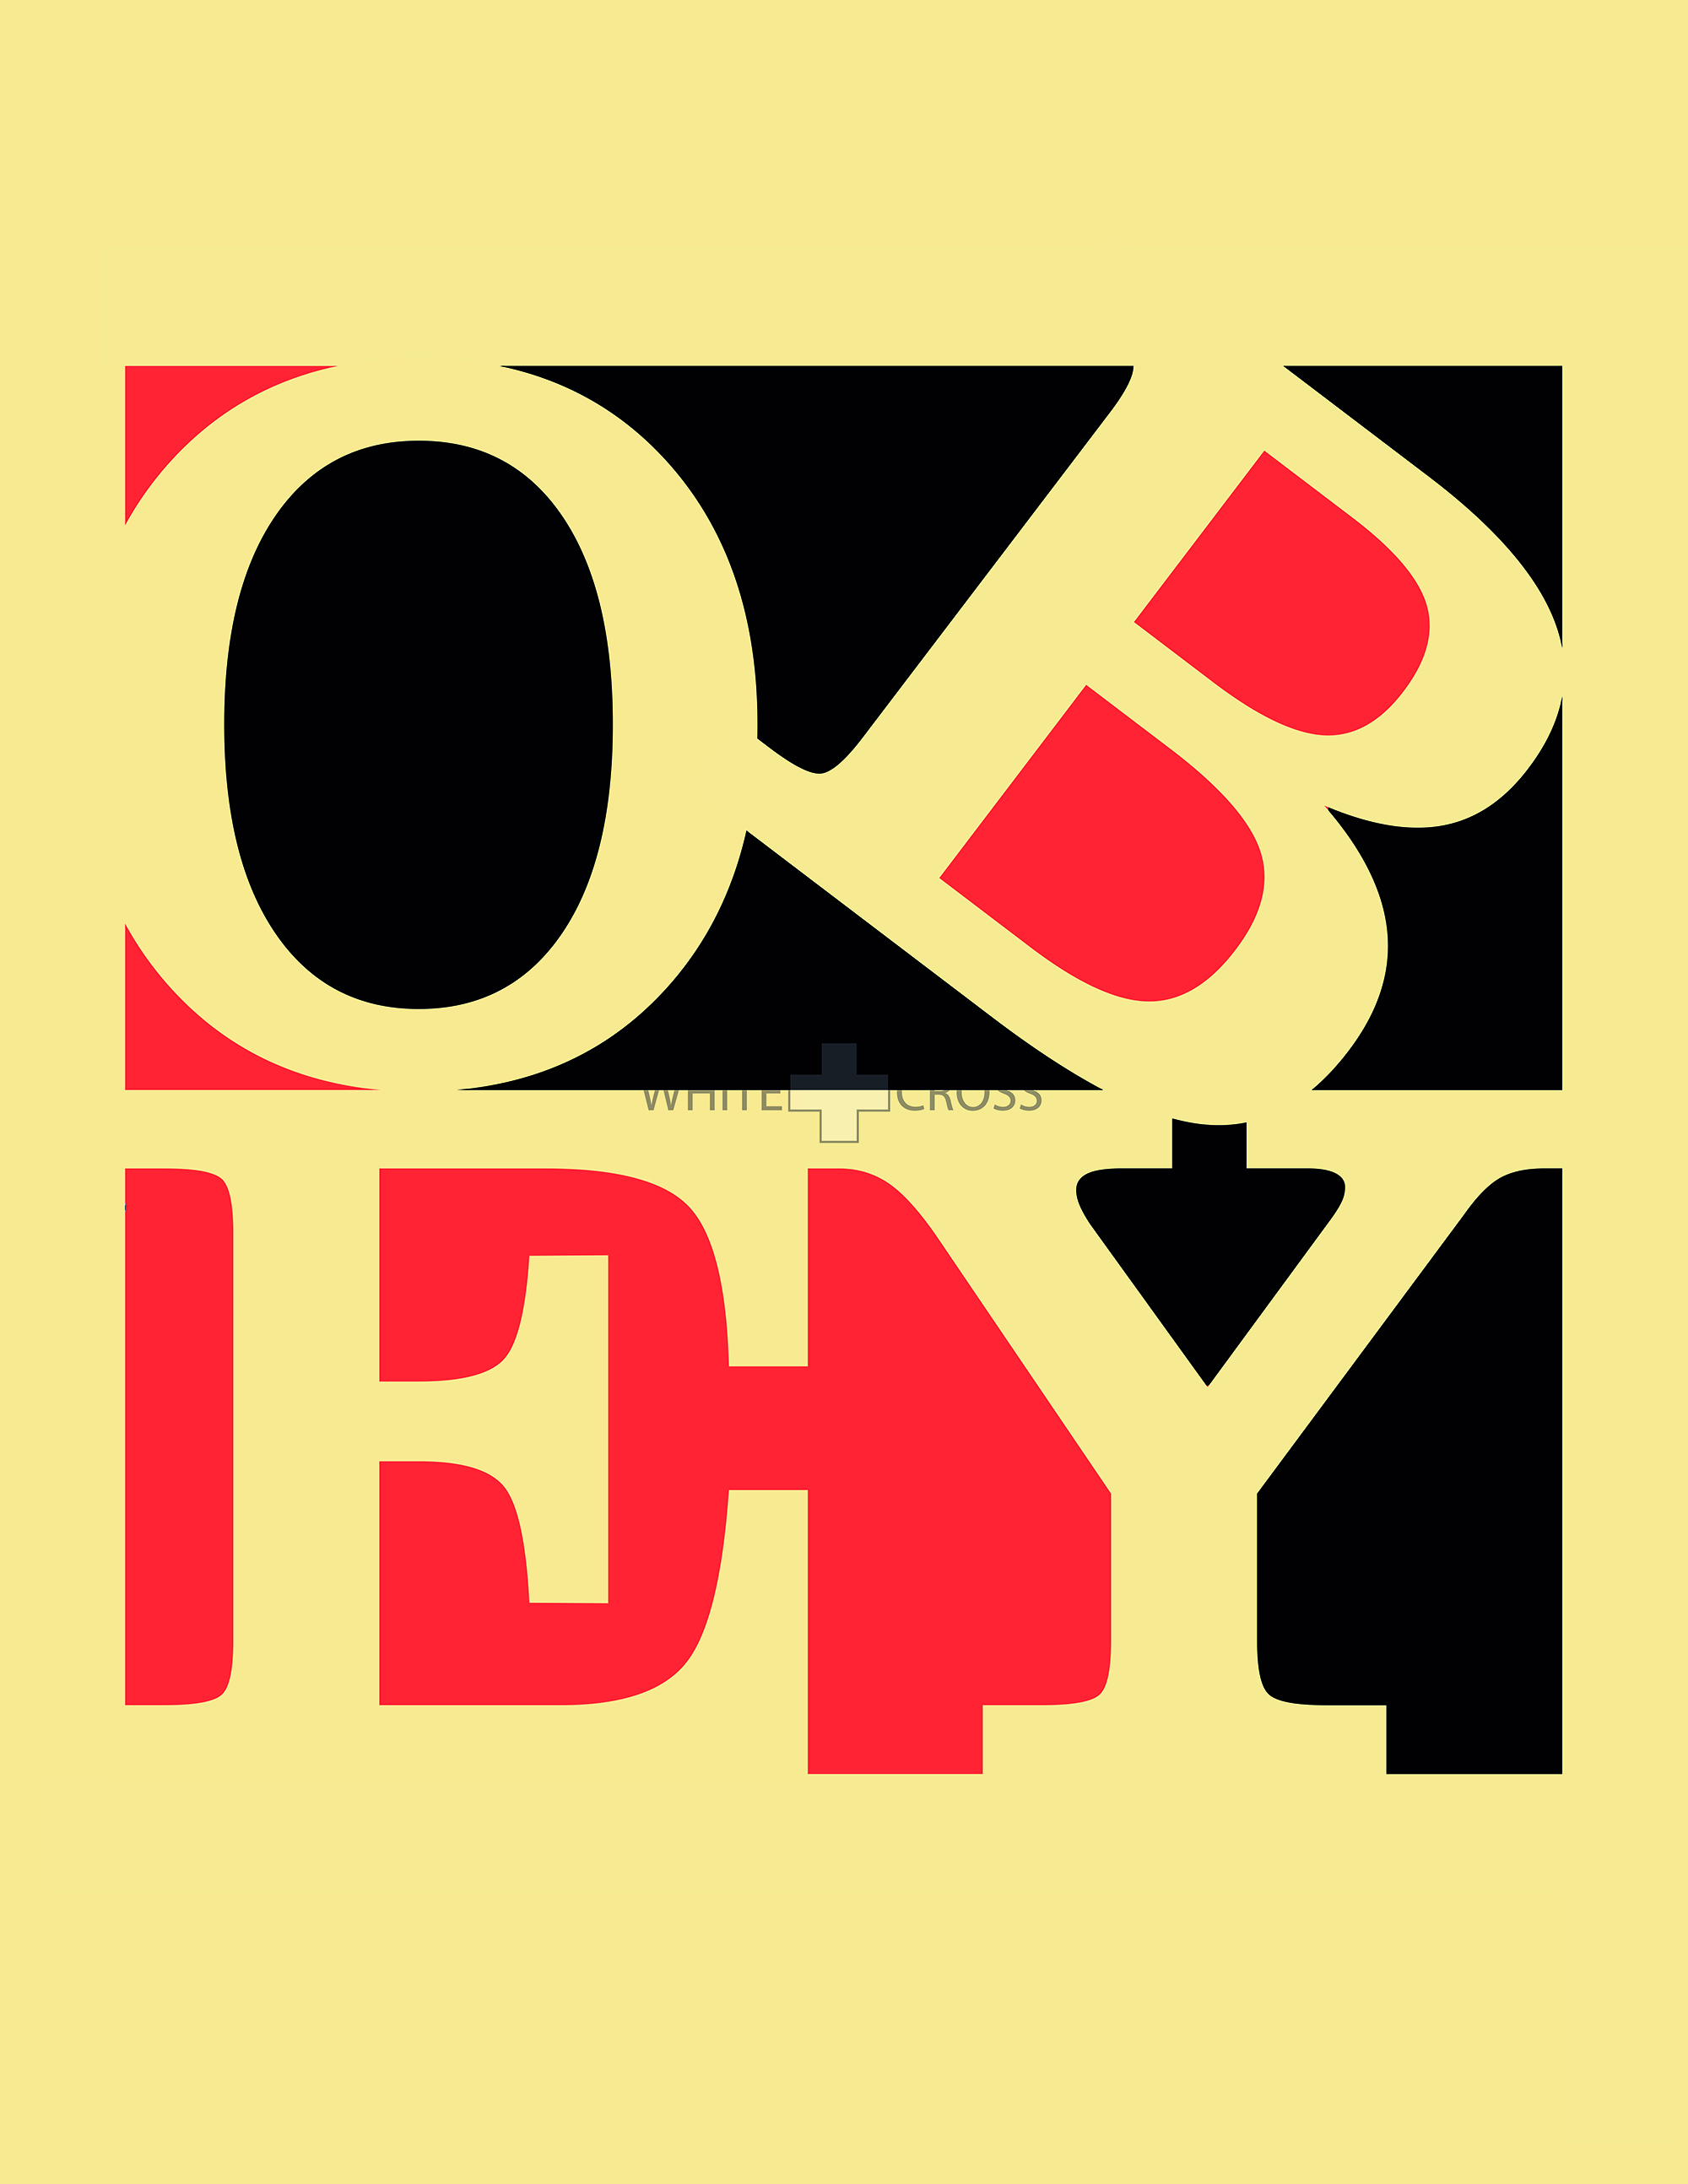 Obey_WM_WMCW.jpg